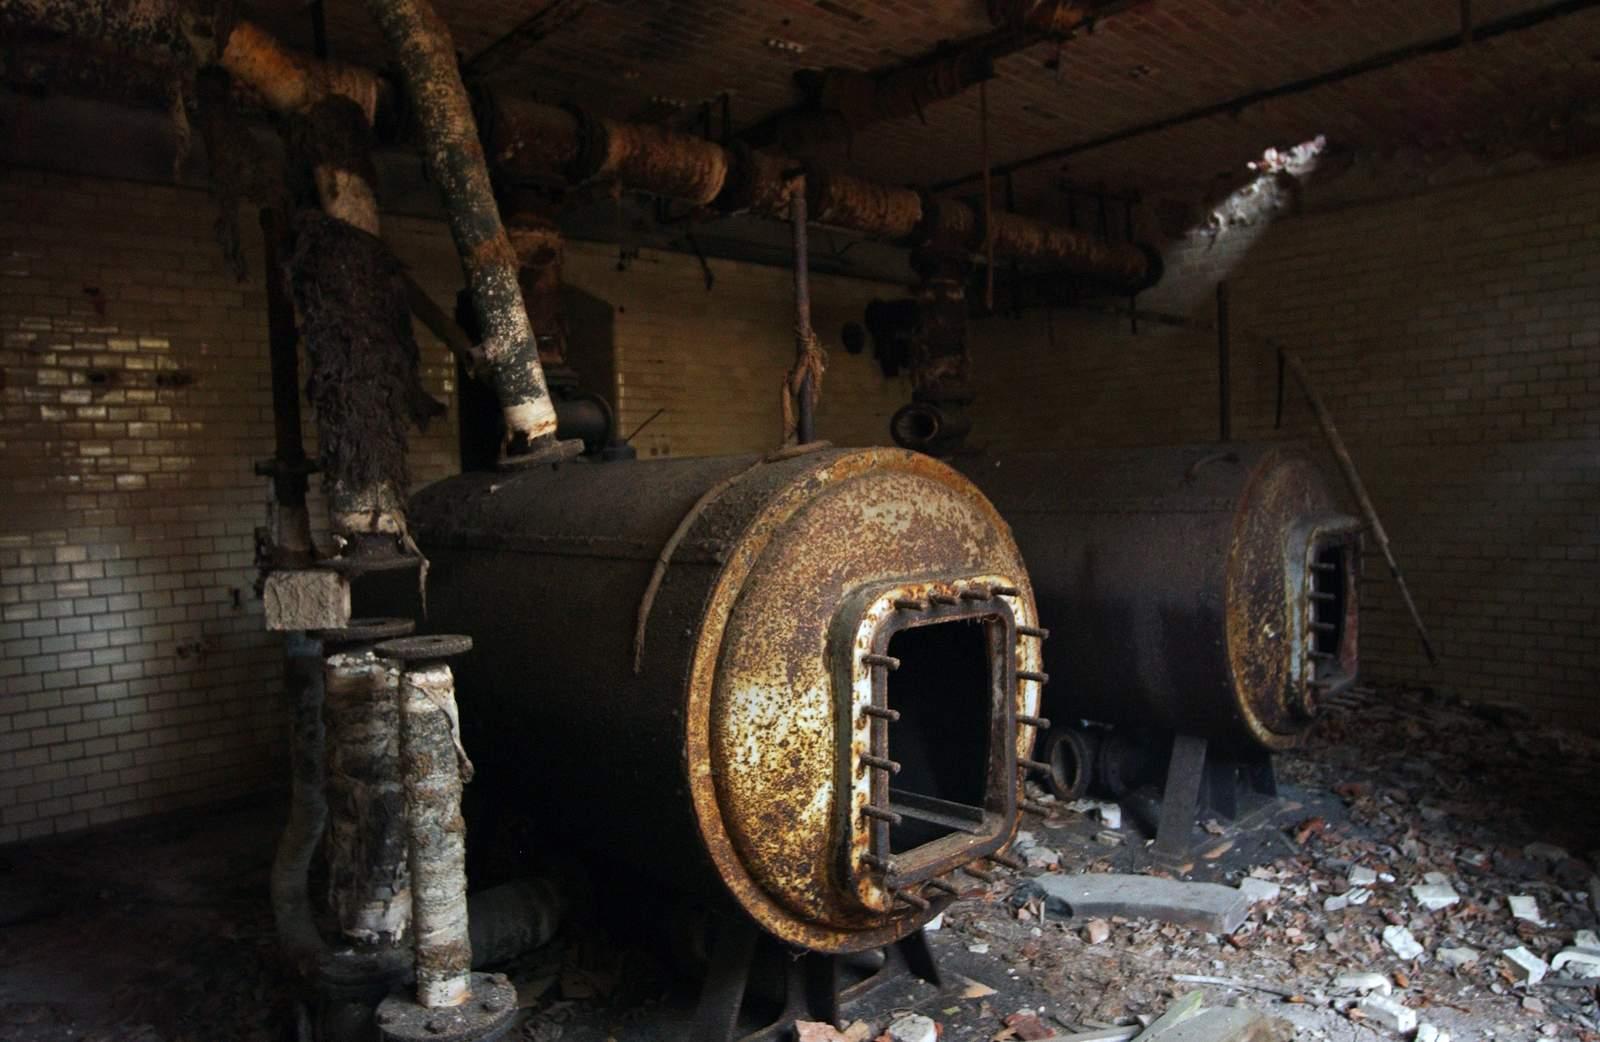 beelitz heilstatten6 Abandoned Beelitz Heilstatten Hospital